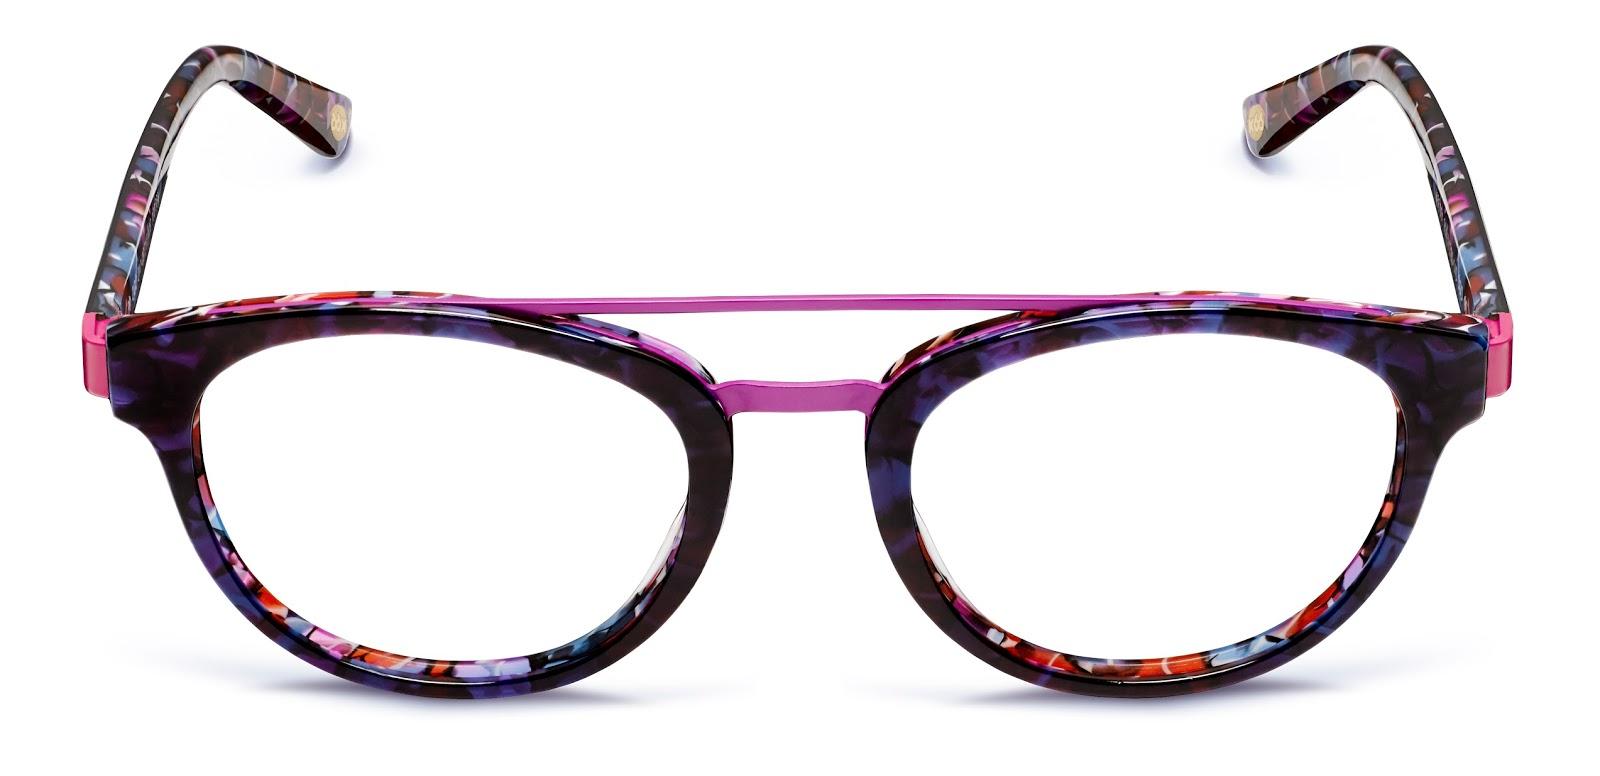 Ces lunettes sont dans un style rétro-futuriste, avec ce petit côté vintage  qui plaît tant, cette collection adopte les dernières tendances. 250131b8dd6e